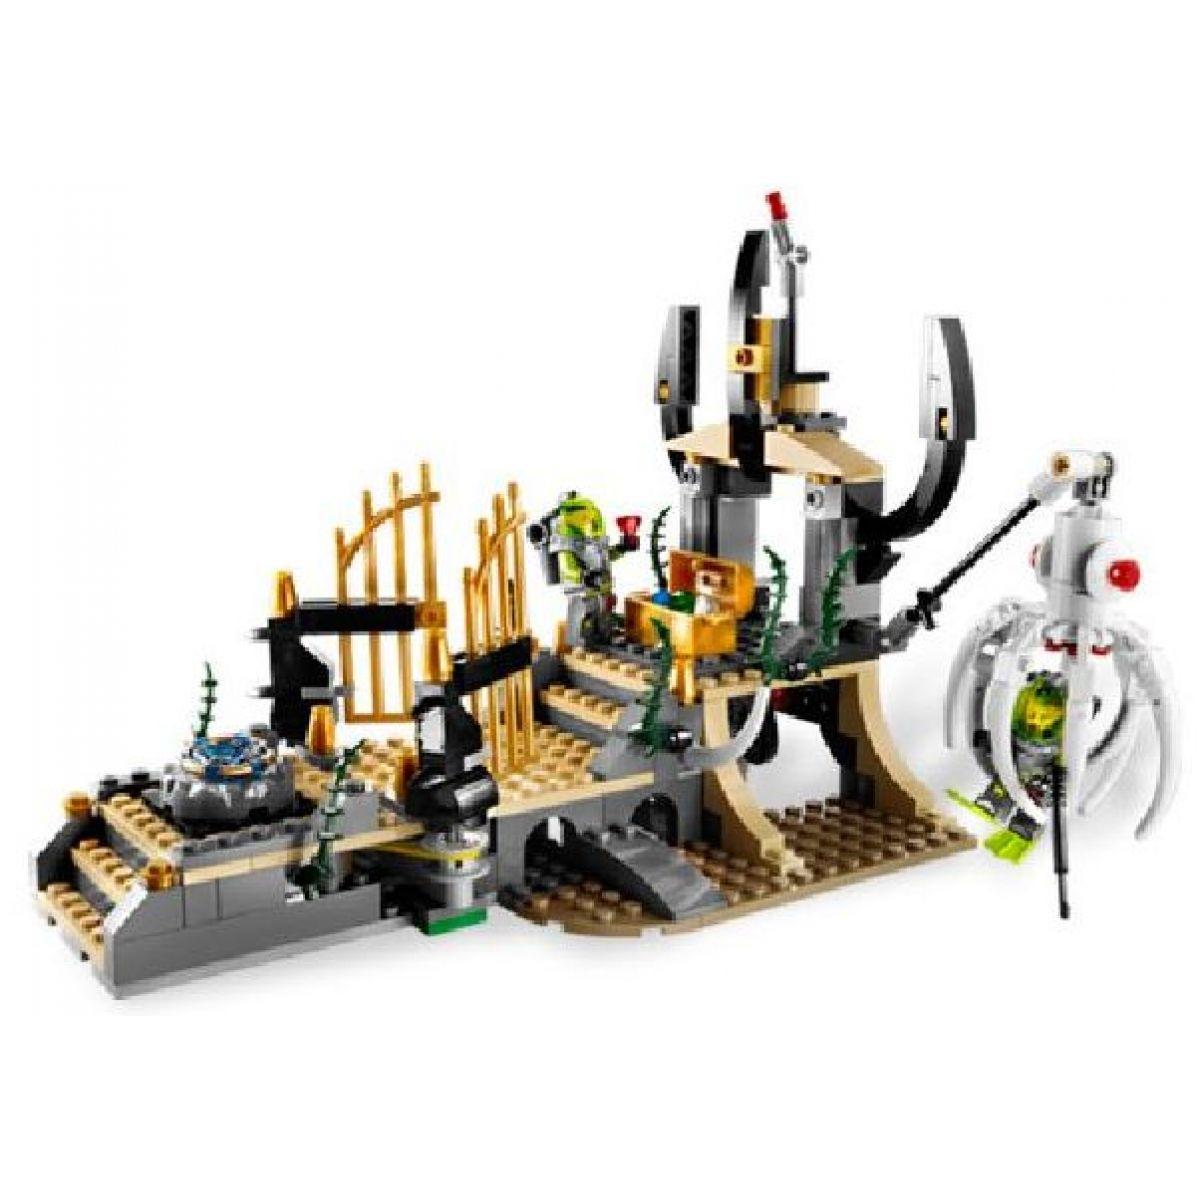 LEGO Atlantis 8061 Oliheň střeží bránu #4